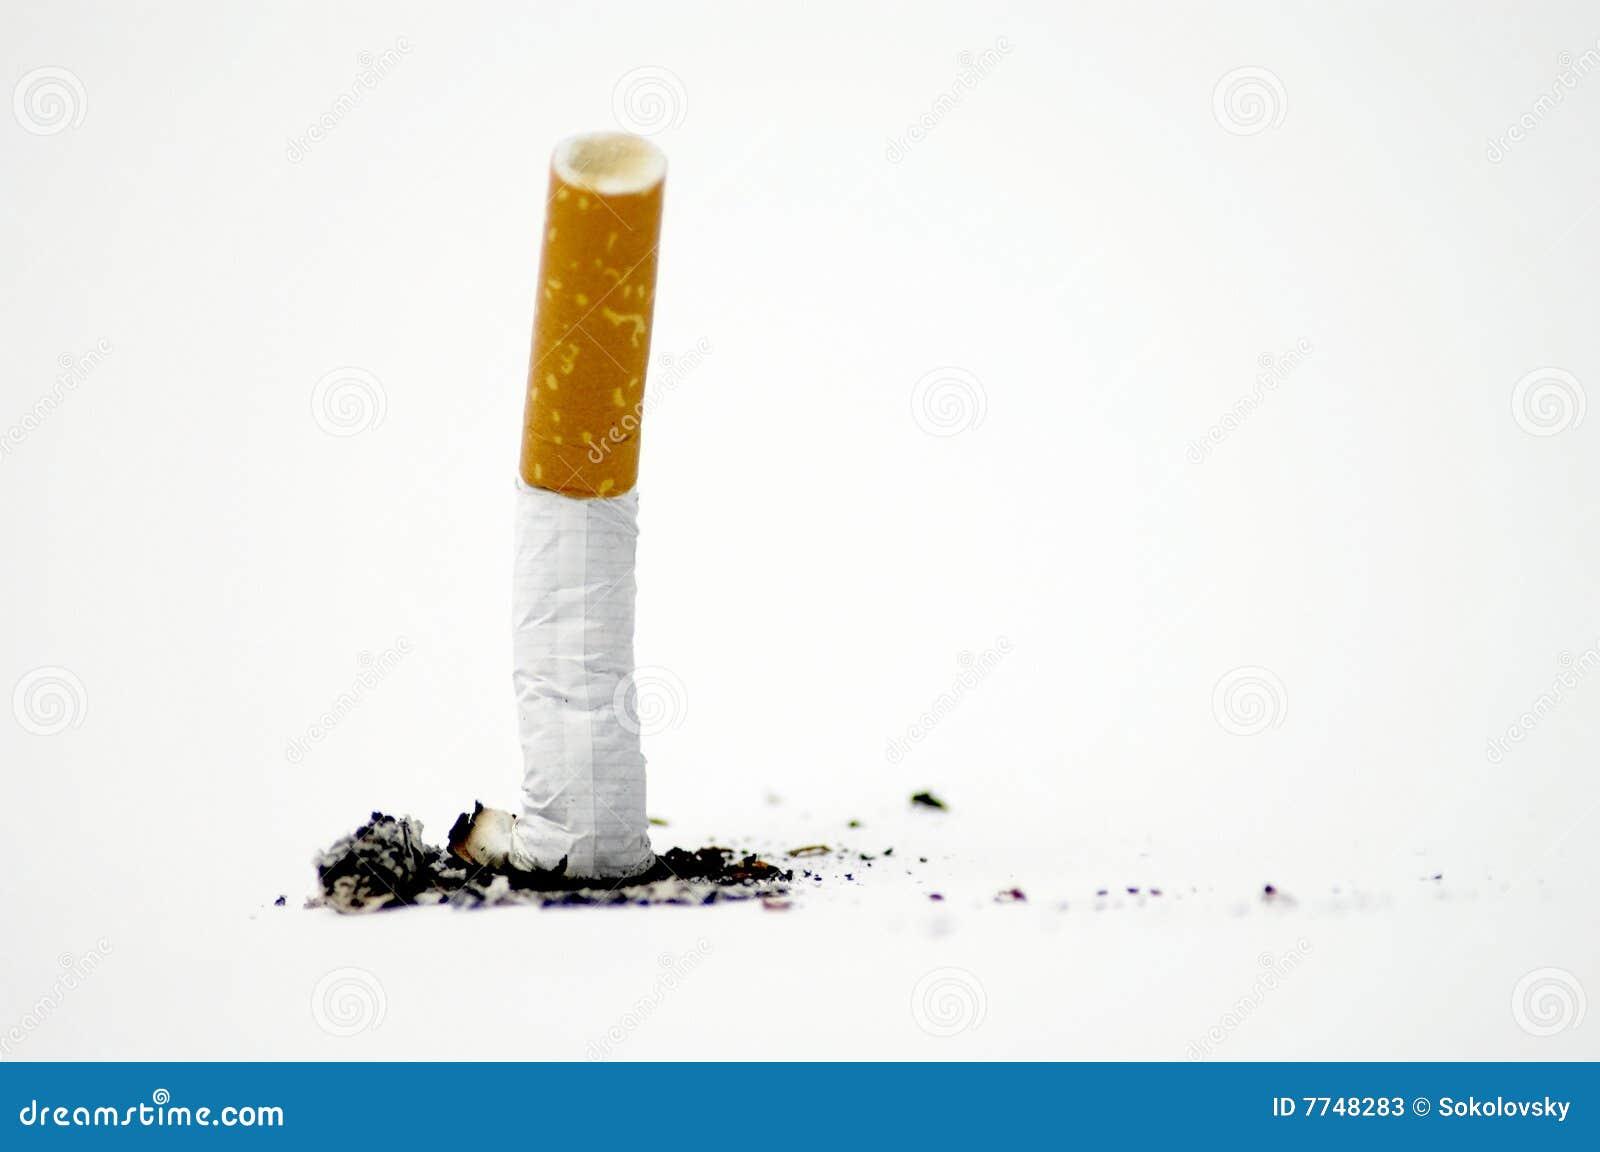 Ponta de cigarro no branco - não fumadores